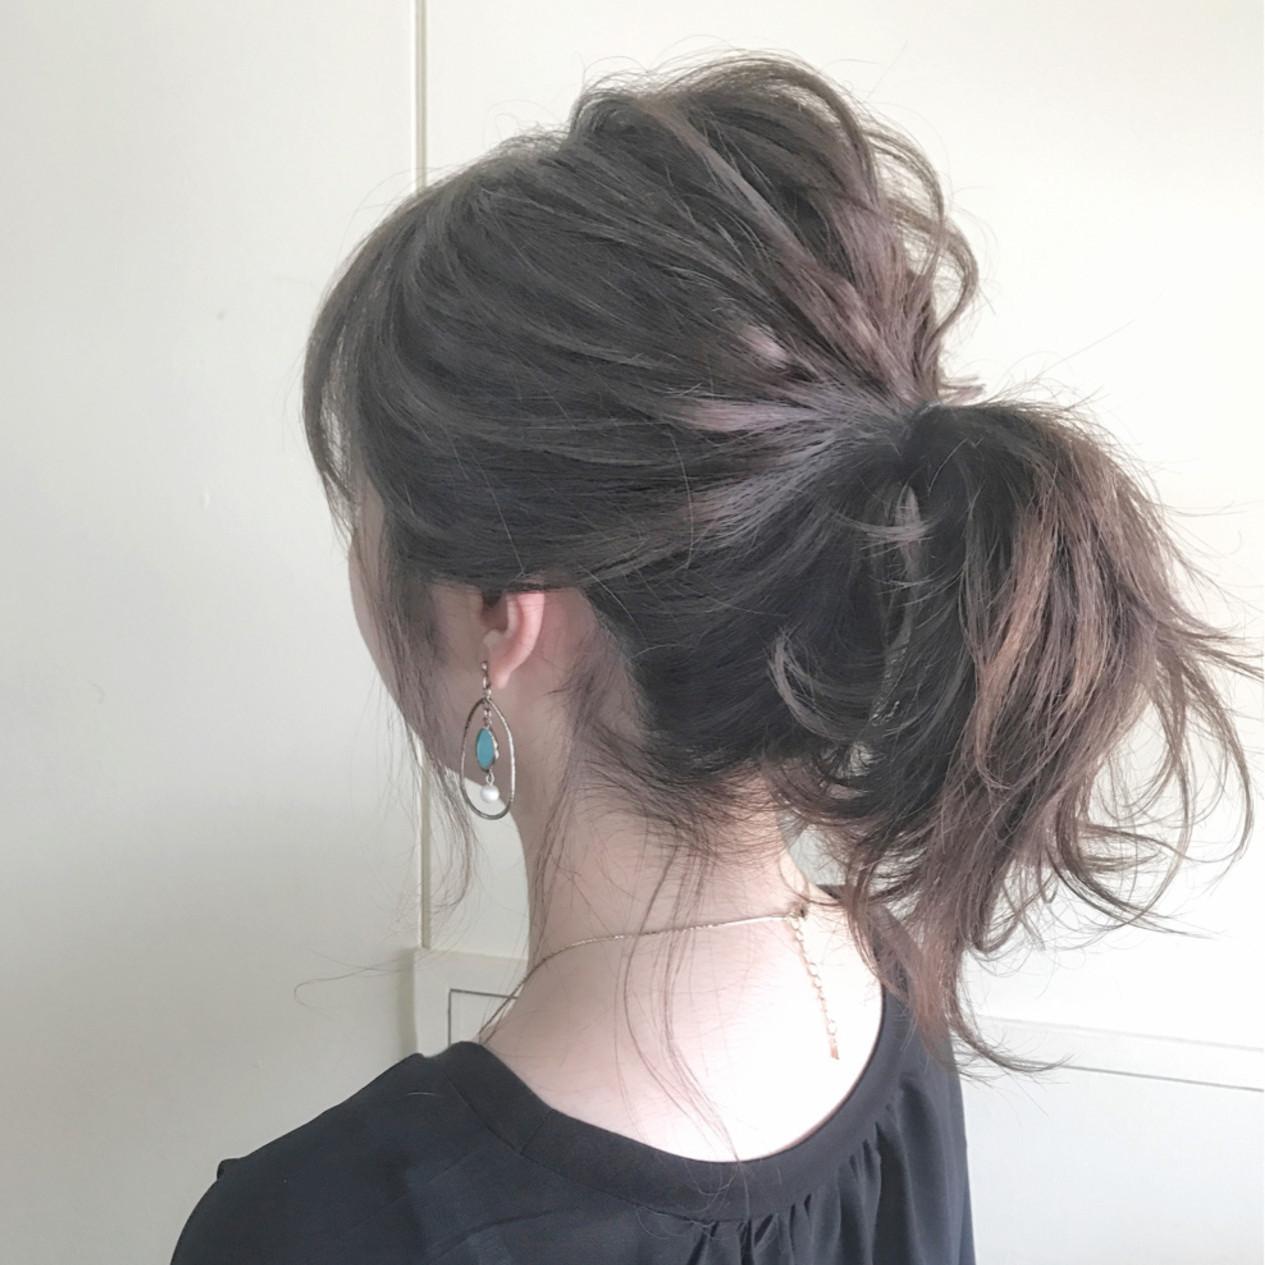 ポニーテールは毛先の巻き方で印象が変わるの?